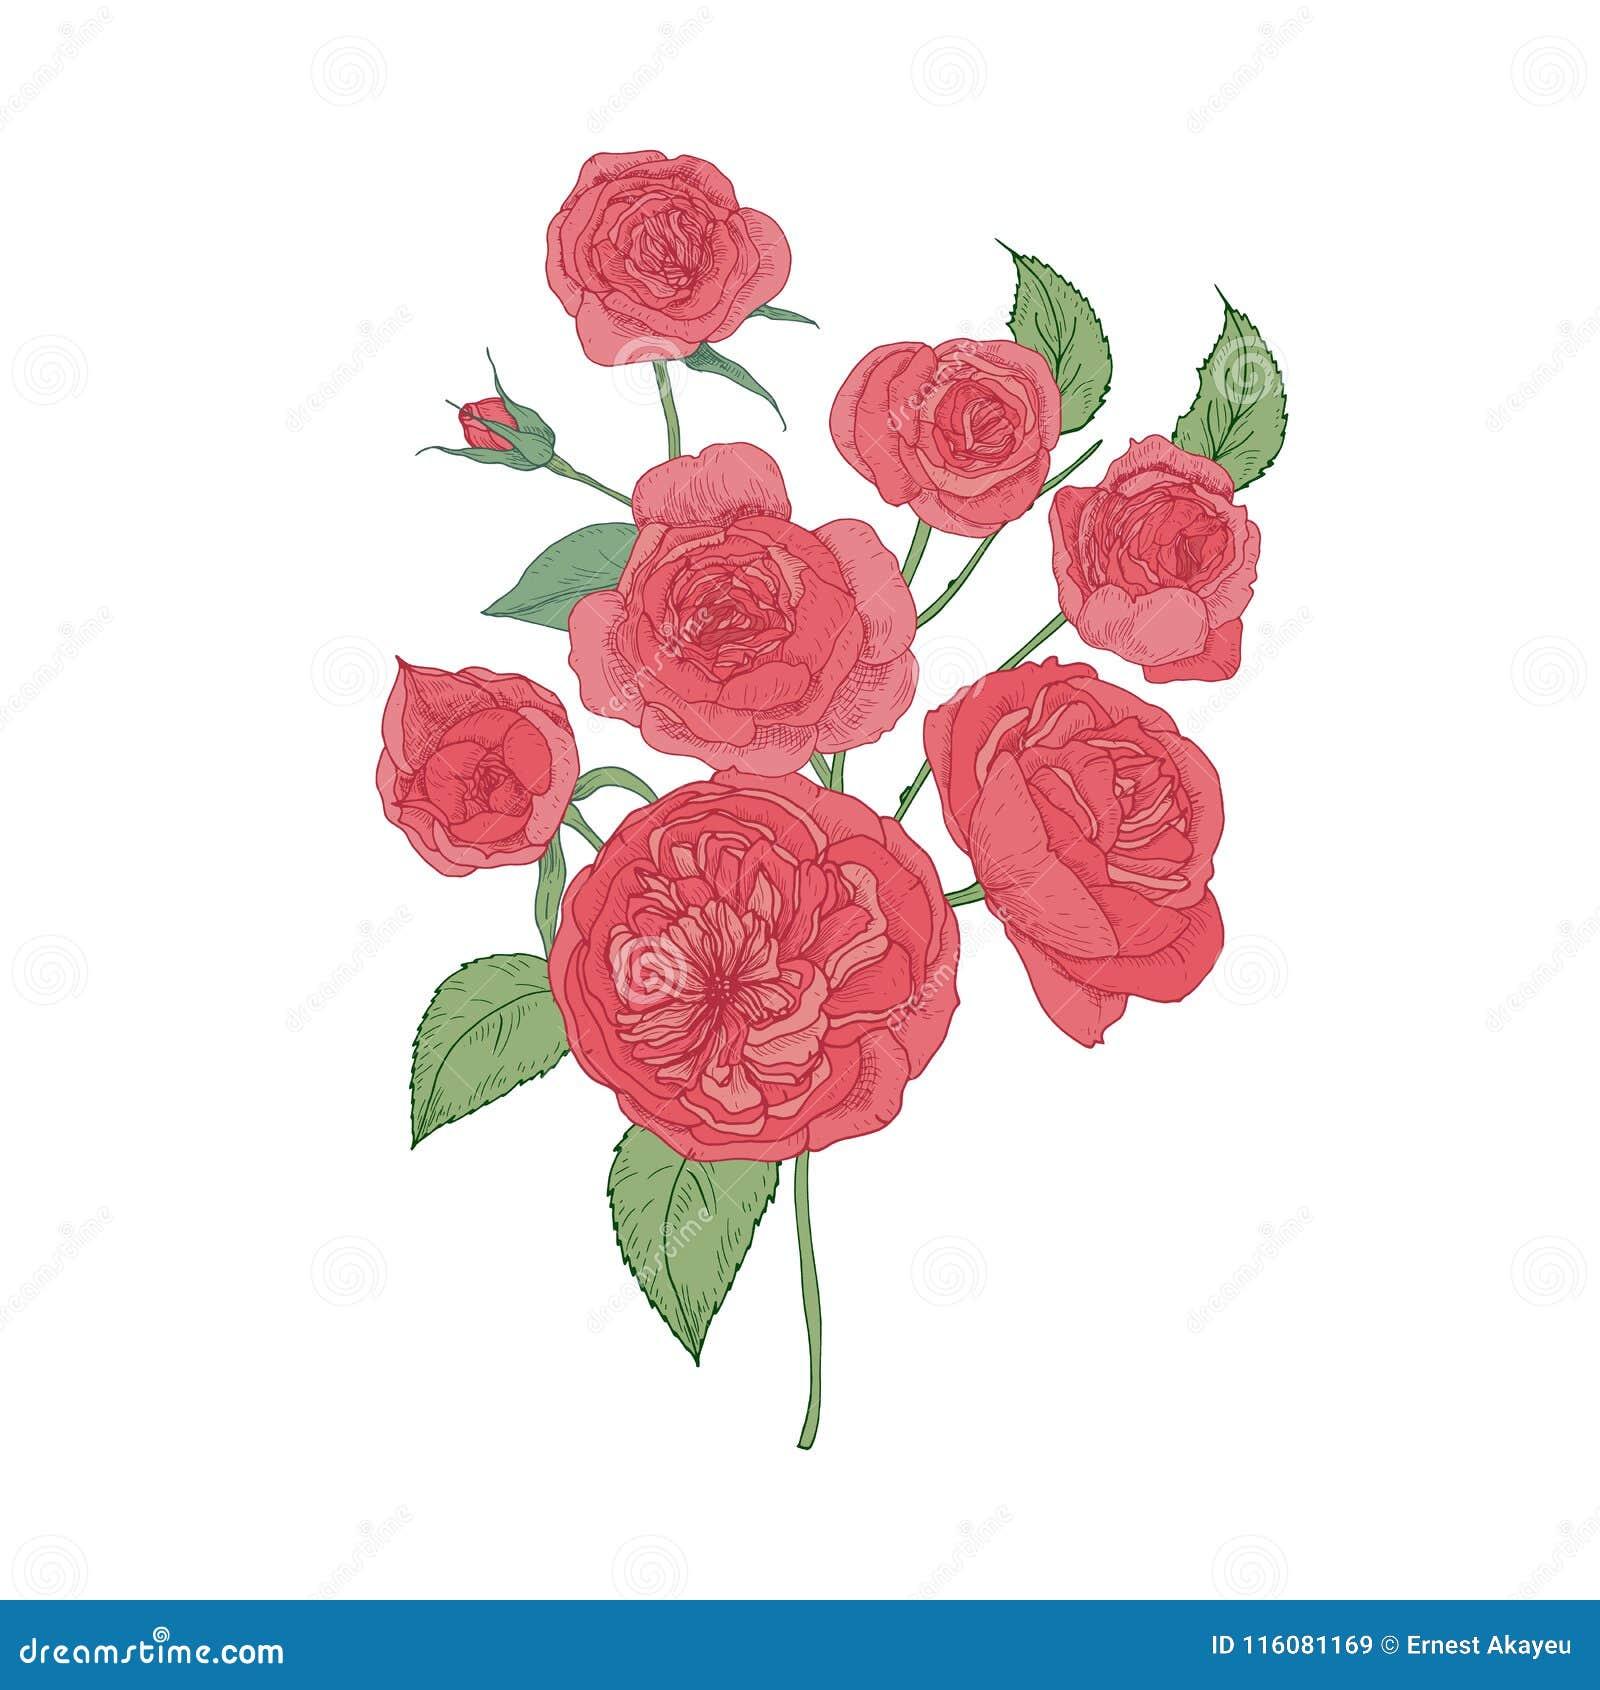 Grupp av rosa kål- eller Austin Rose blommor som isoleras på vit bakgrund Botanisk teckning av den kultiverade trädgården